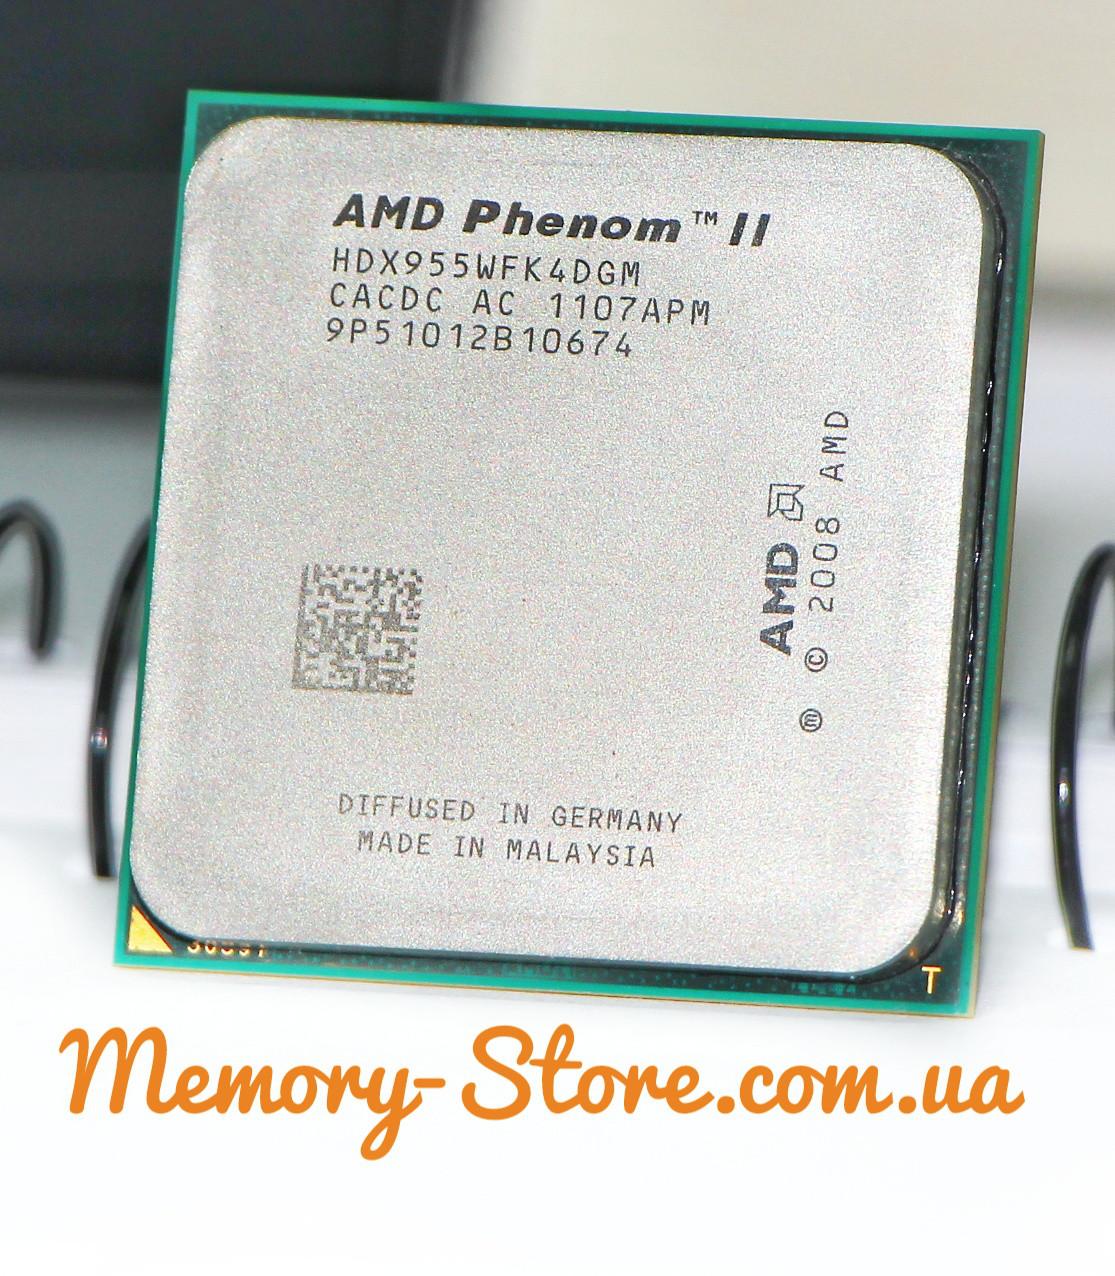 Процессор AMD Phenom II X4 955 3.2GHz 95W, + термопаста GD900